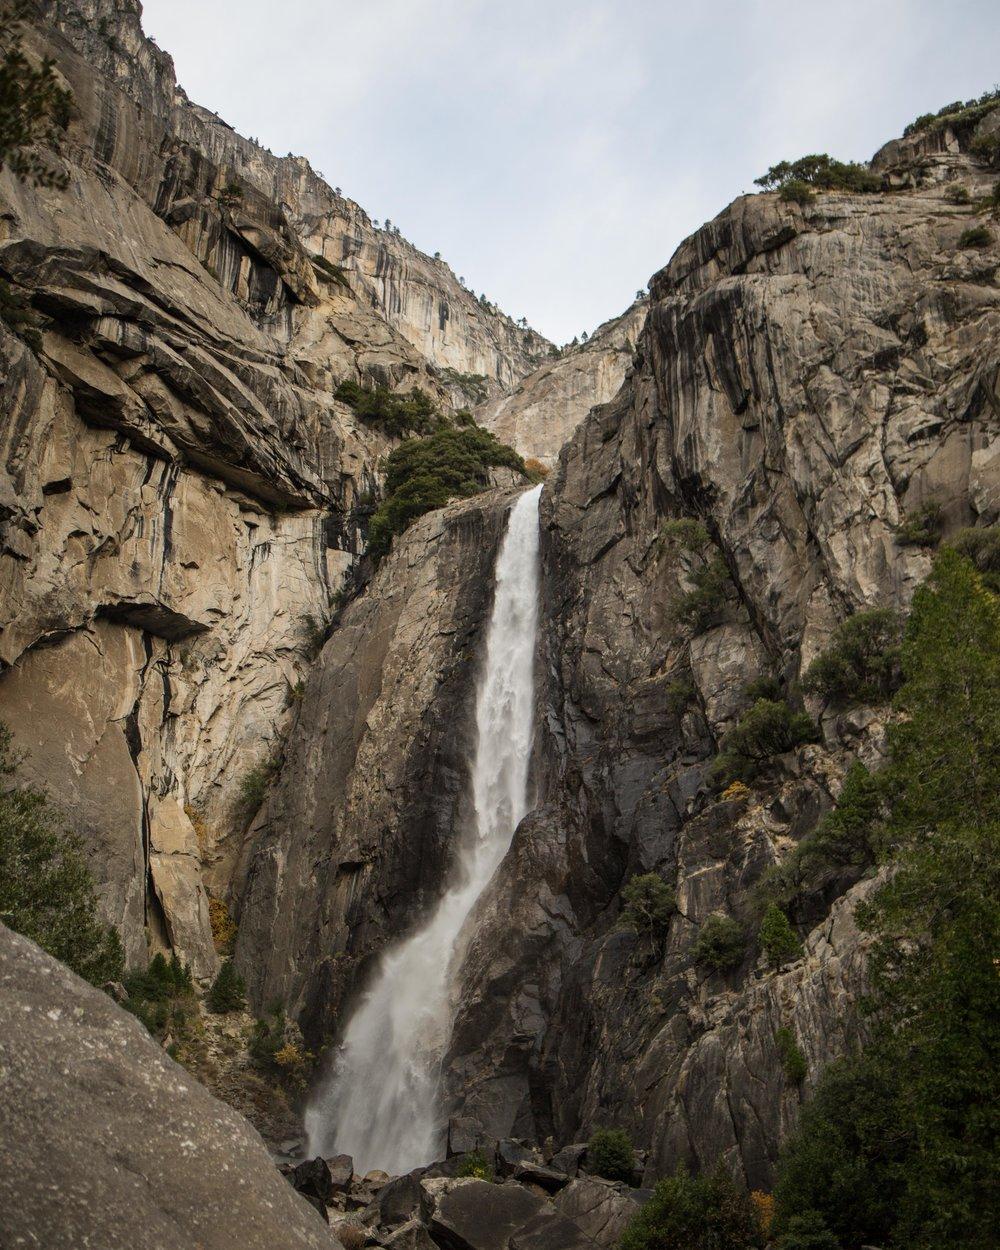 Yosemite-waterfall-rucksack-magazine